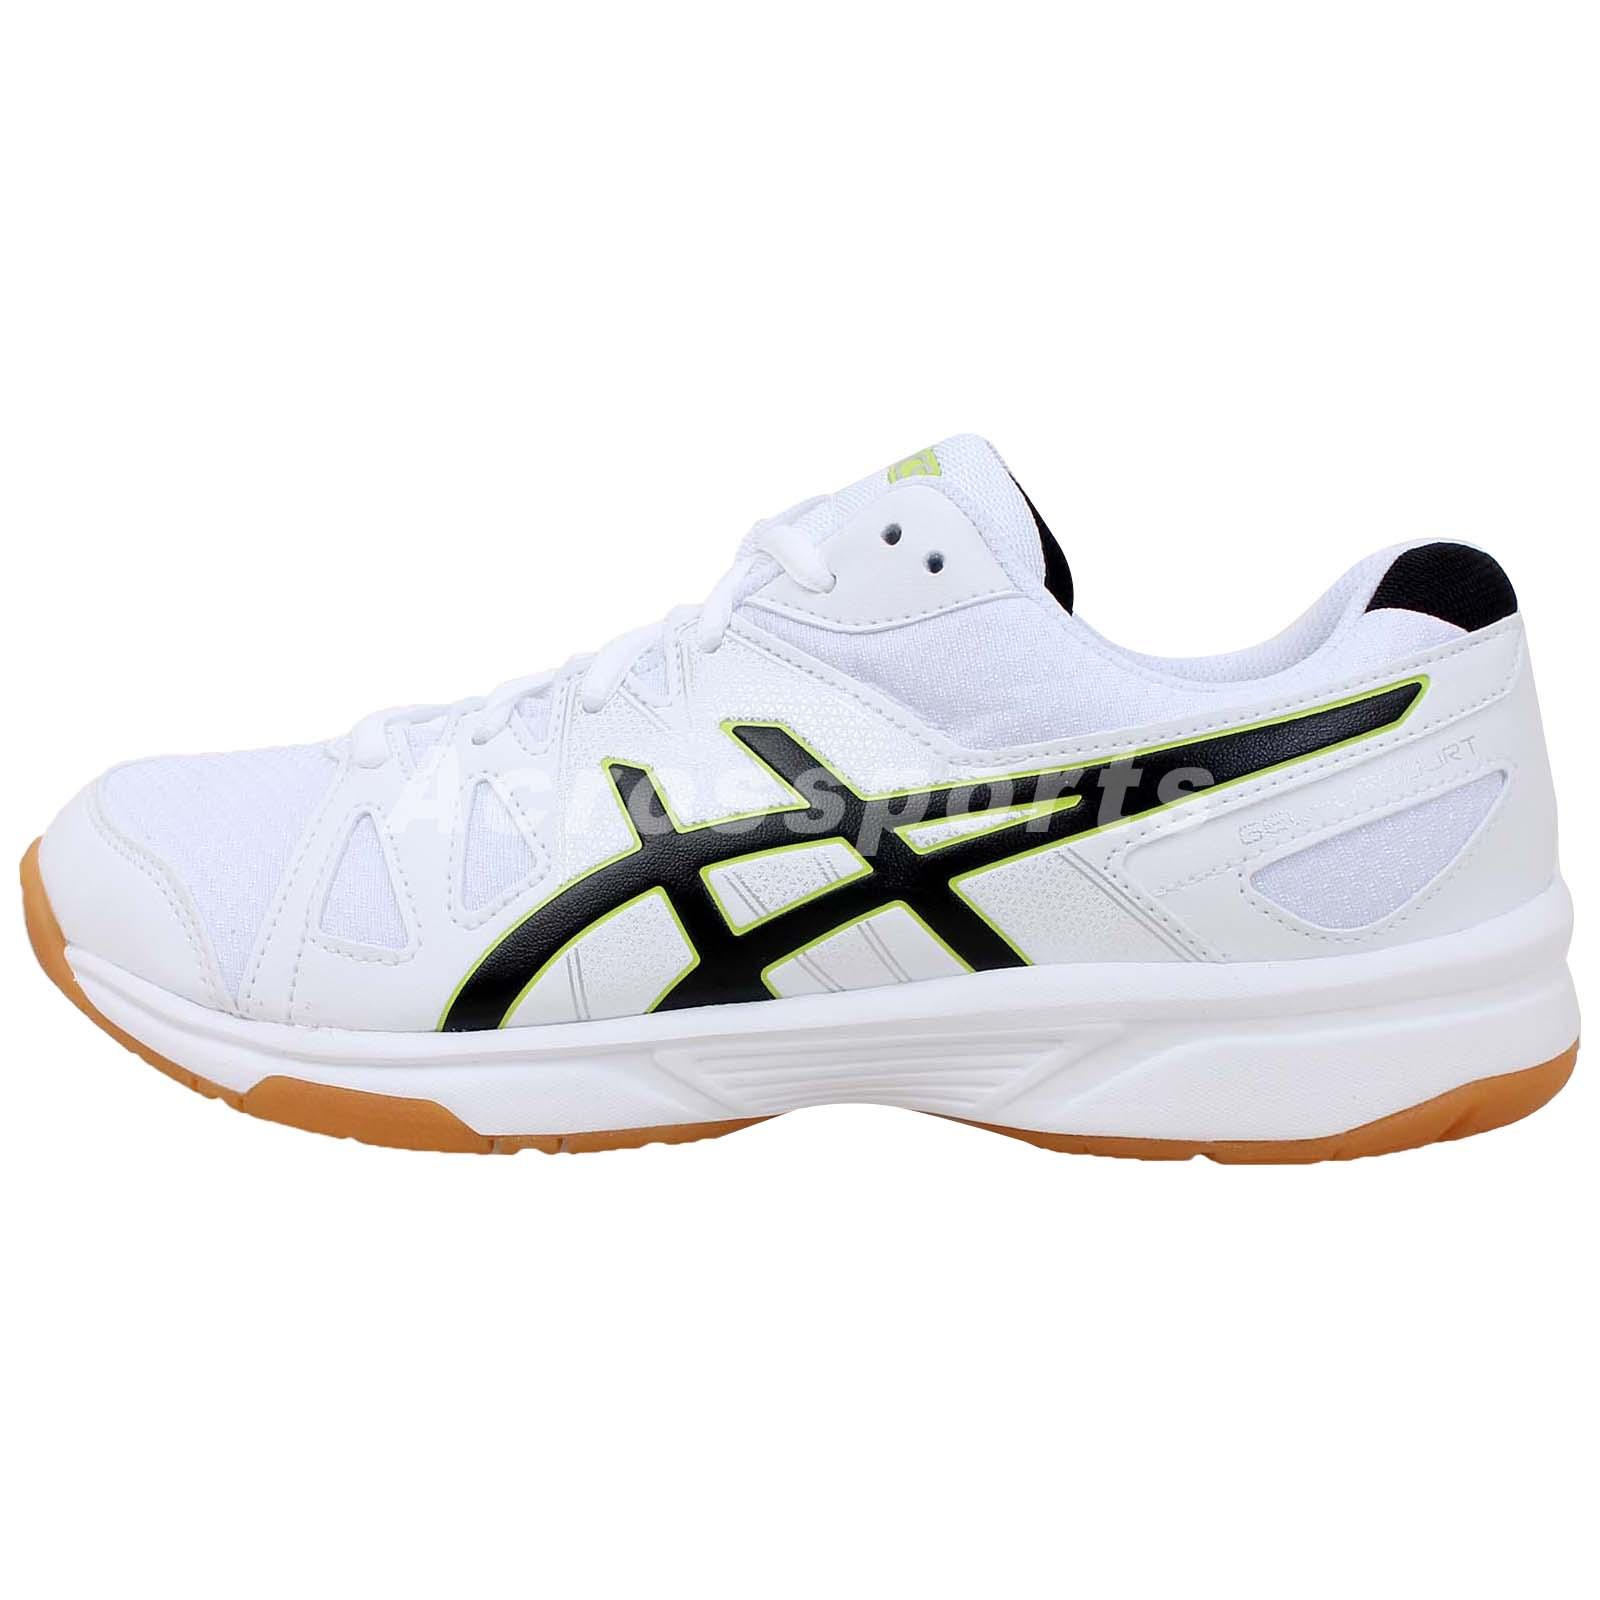 Nike badminton shoes